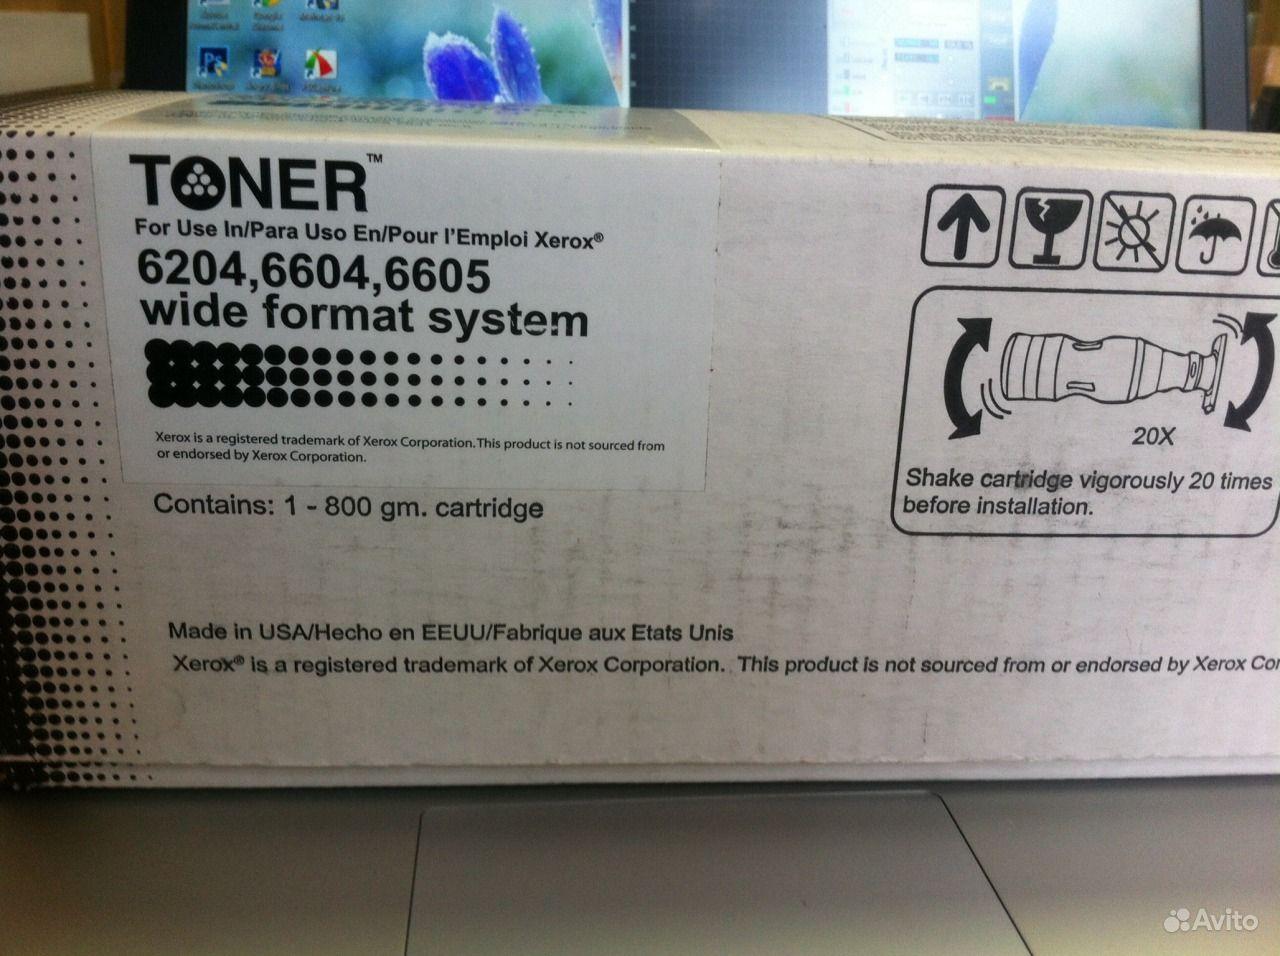 toner-xerox-6204-wide-format